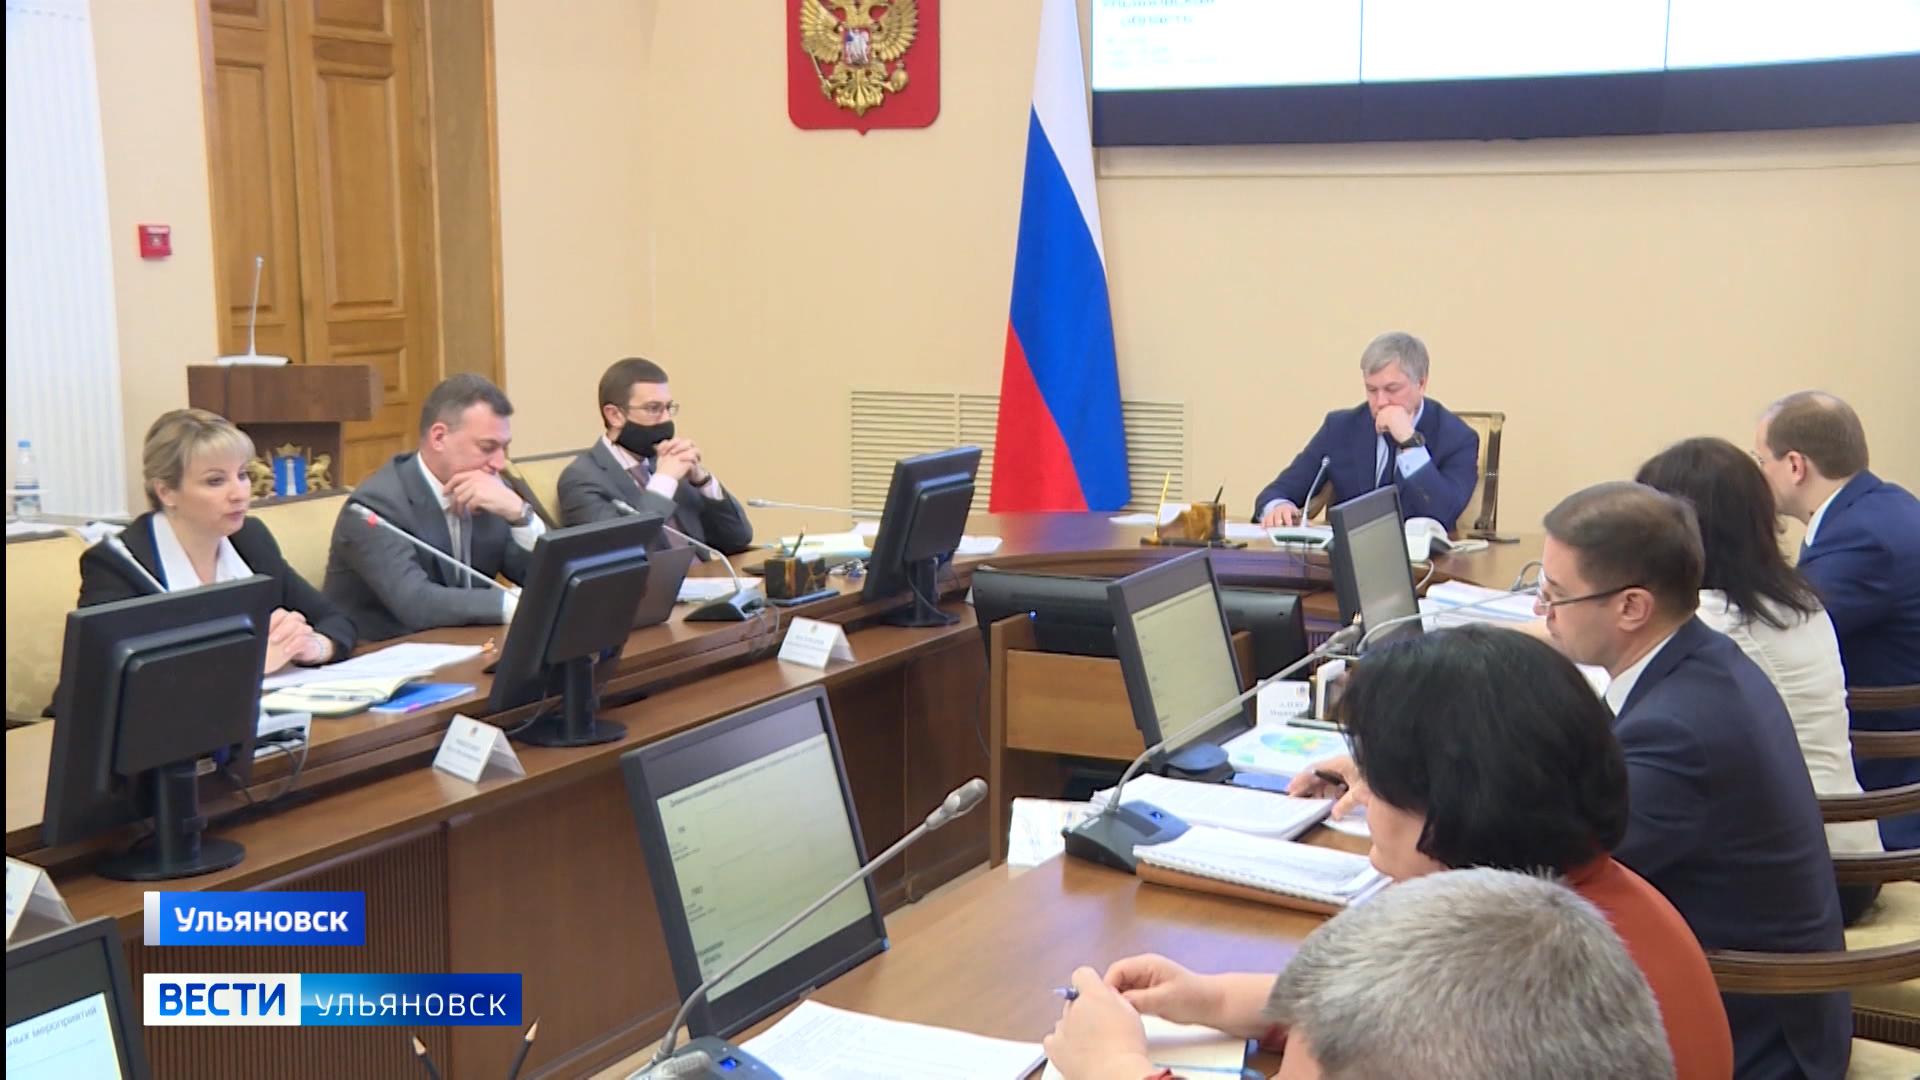 Алексей Русских провёл первое аппаратное совещание в статусе врио губернатора Ульяновской области